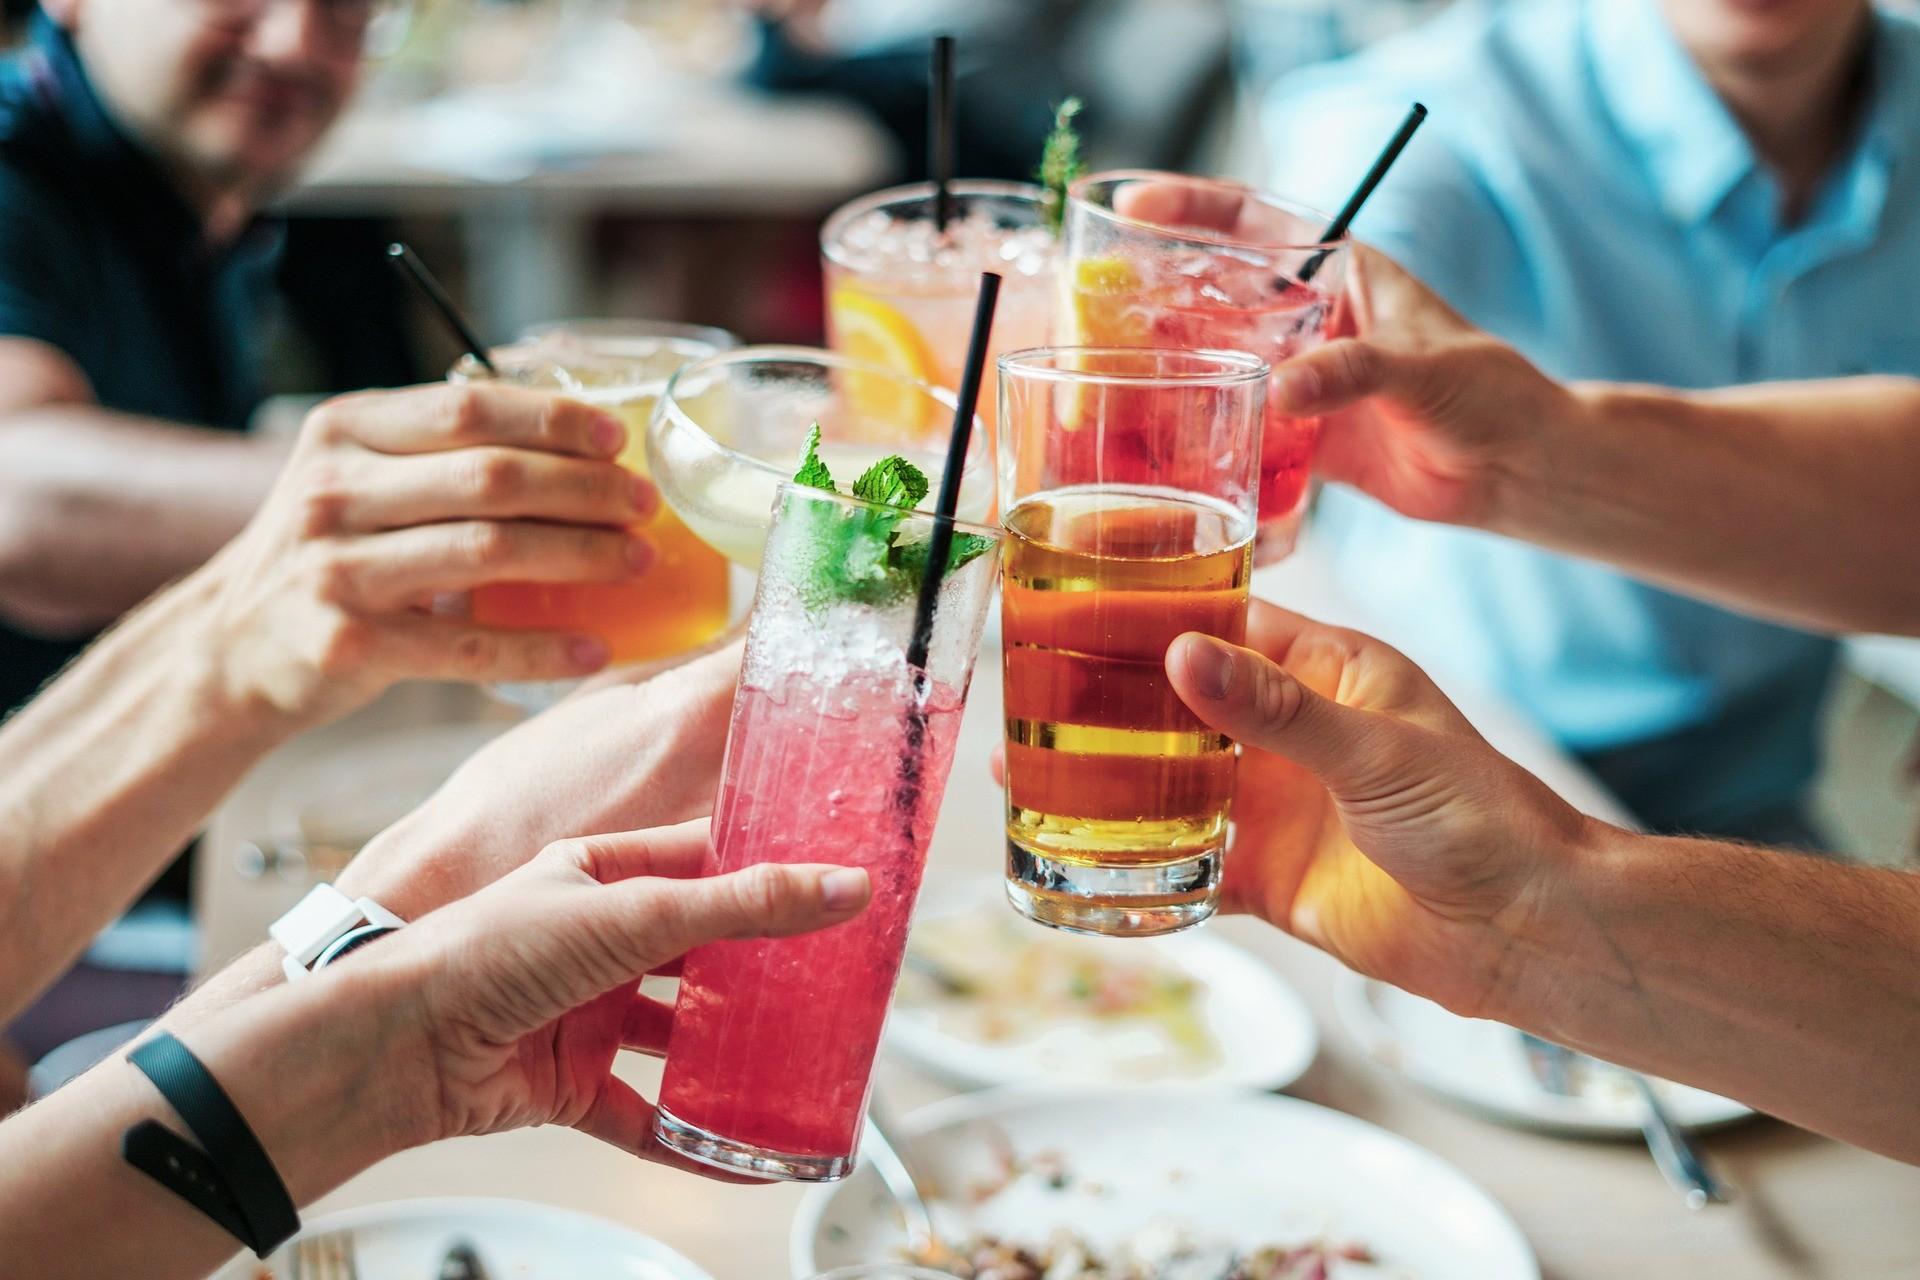 Pesquisador diz ter desenvolvido álcool sintético que evita ressaca (Foto: Pixabay)